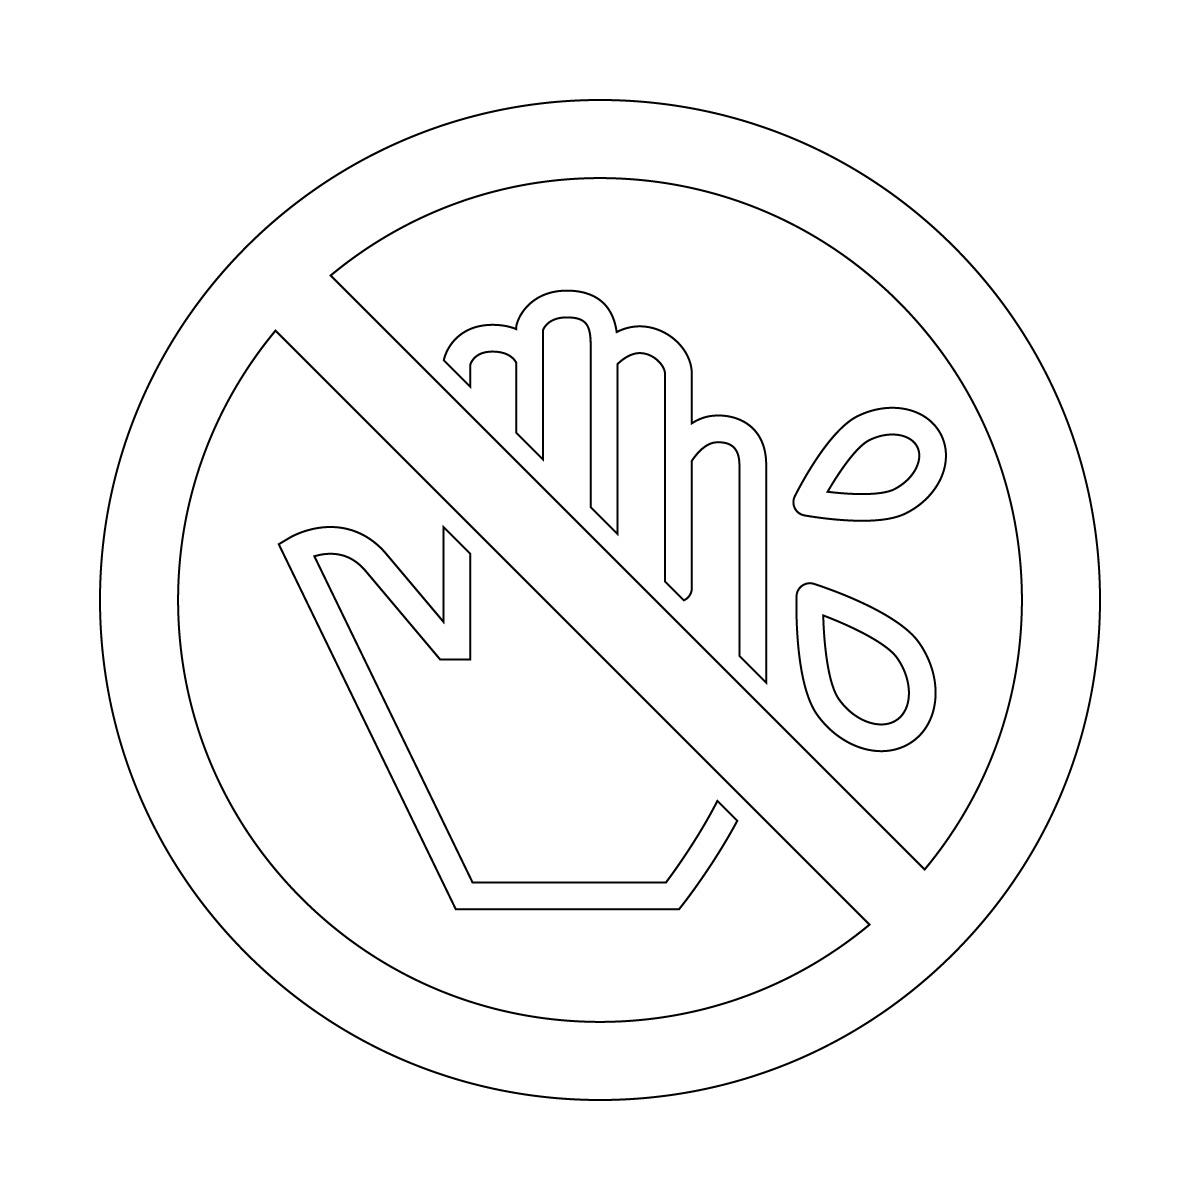 白色の濡れ手でさわるな禁止マークのカッティングステッカー・シール